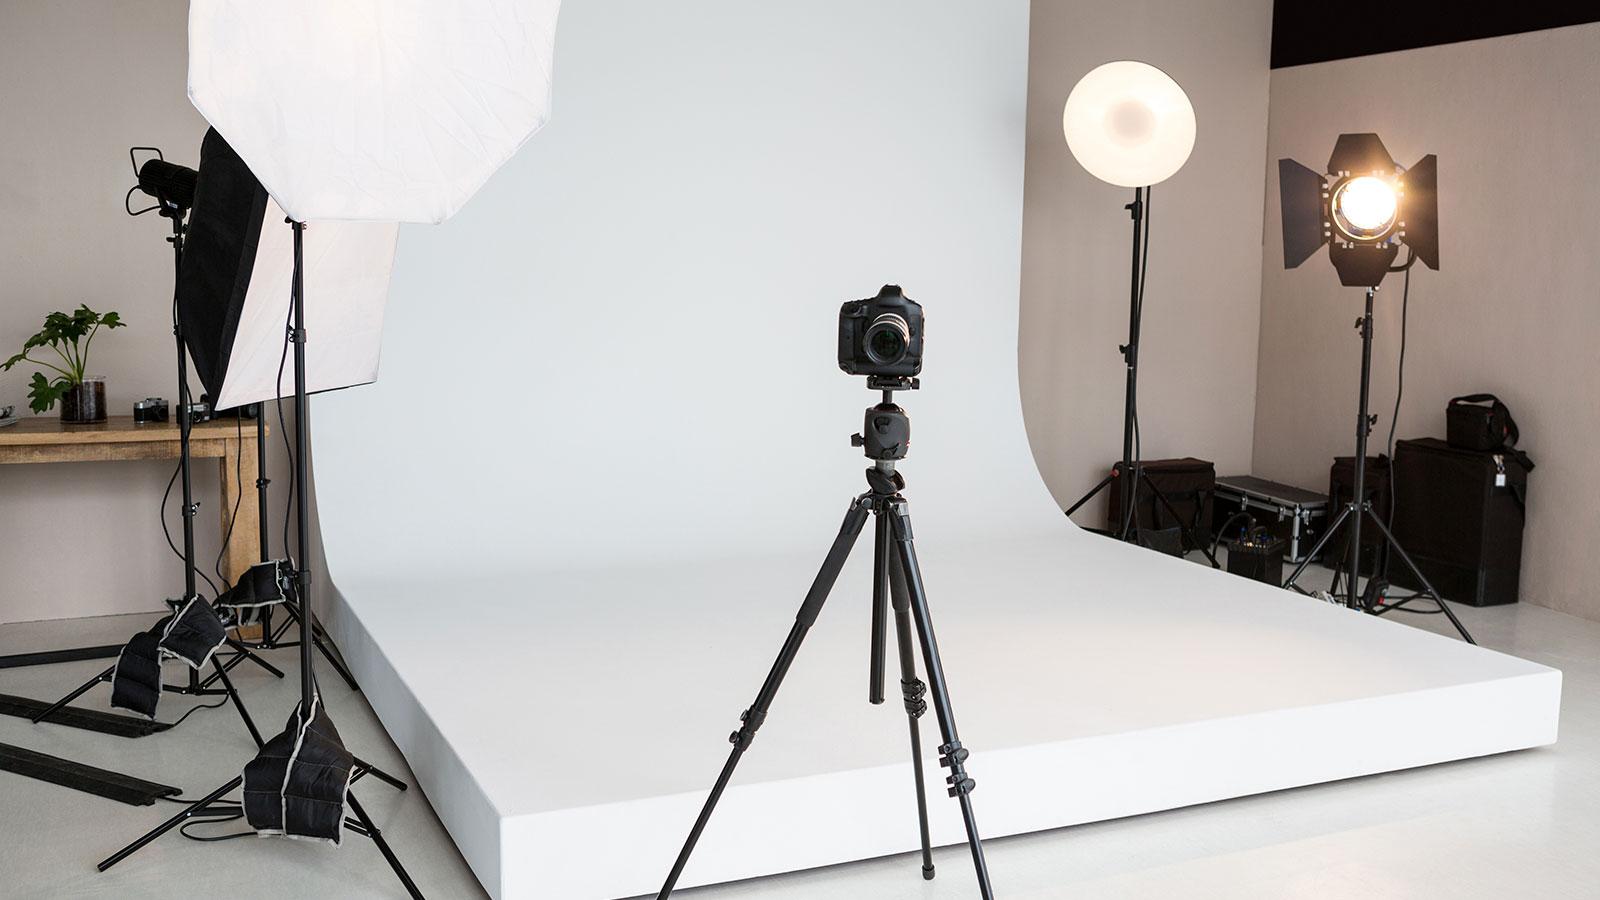 videos de qualidade 2 - Confira 3 passos para produzir vídeos de qualidade